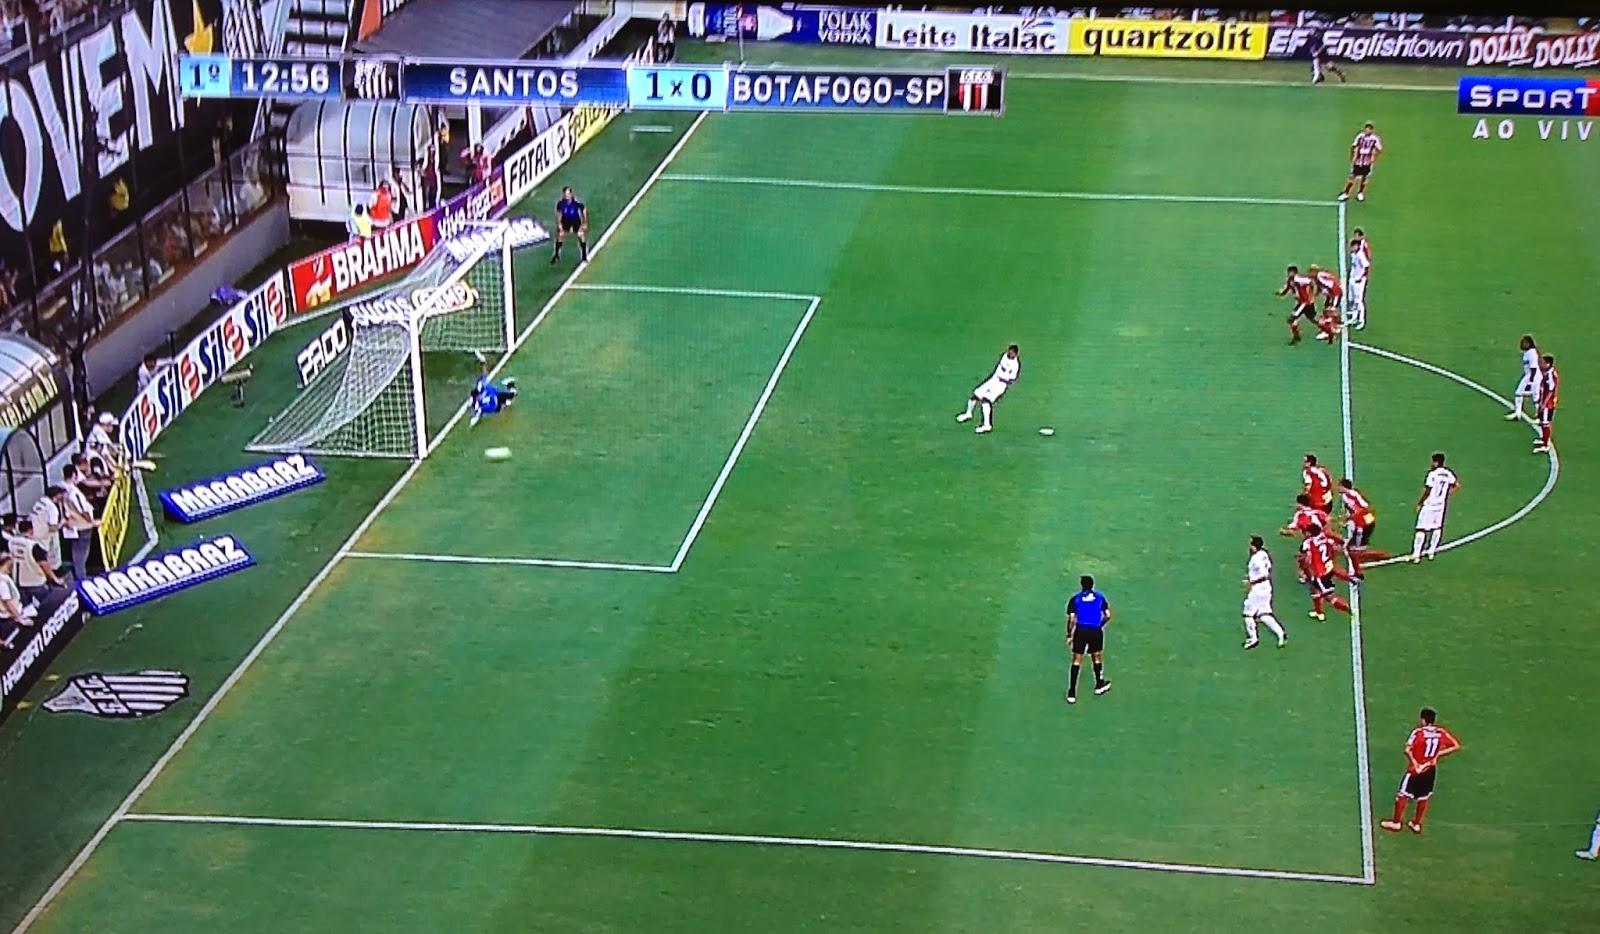 Cícero perde pênalti contra Botafogo/SP